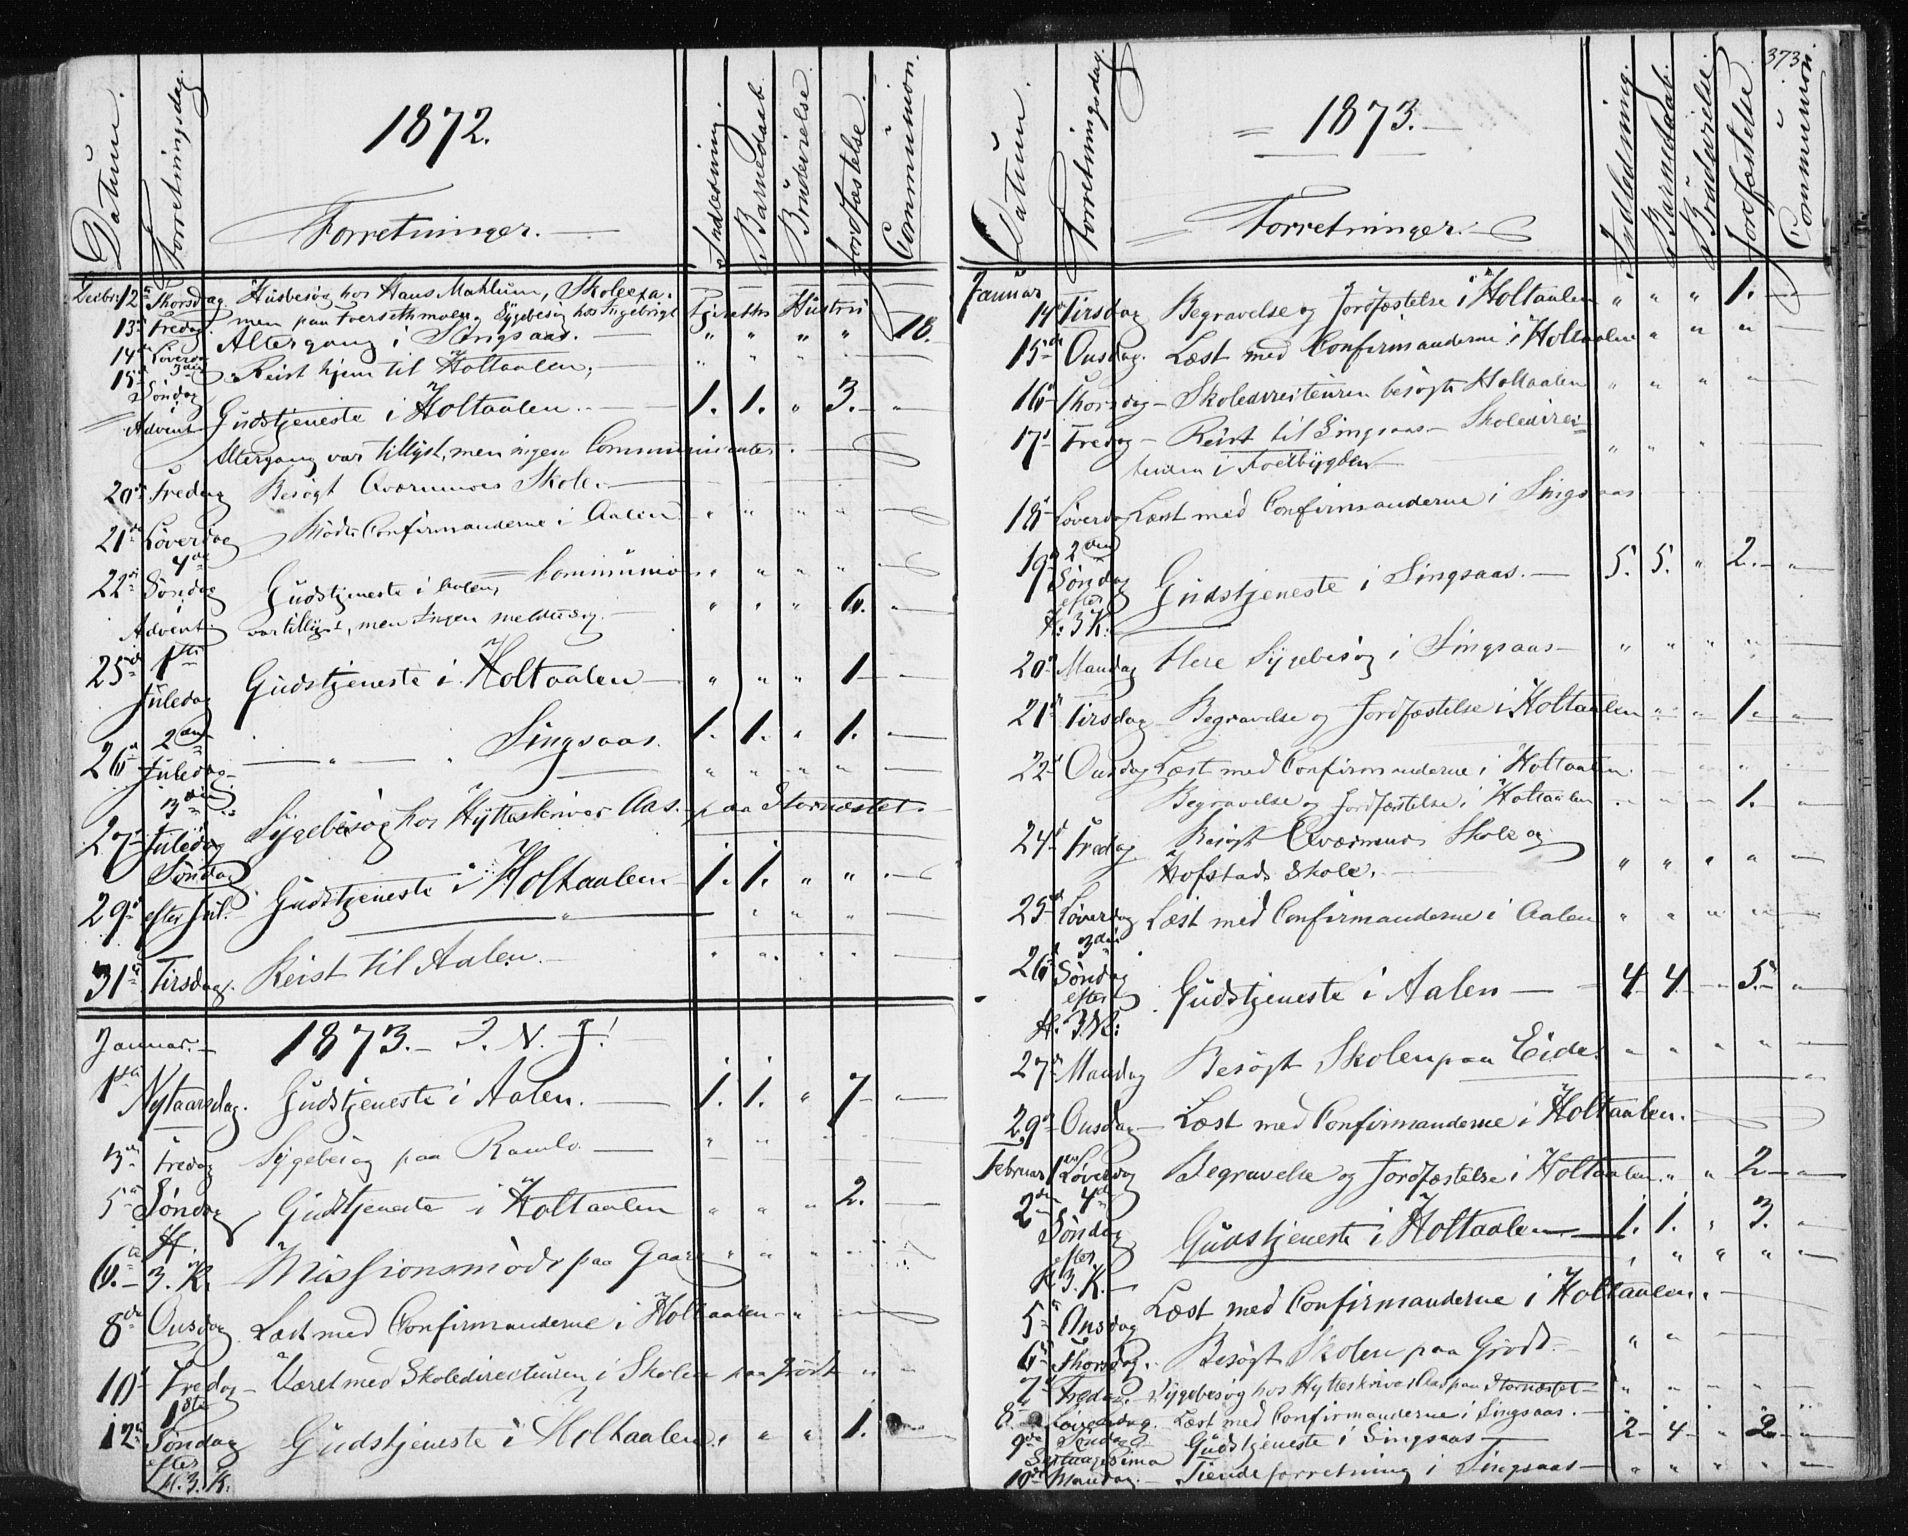 SAT, Ministerialprotokoller, klokkerbøker og fødselsregistre - Sør-Trøndelag, 685/L0969: Ministerialbok nr. 685A08 /1, 1870-1878, s. 373